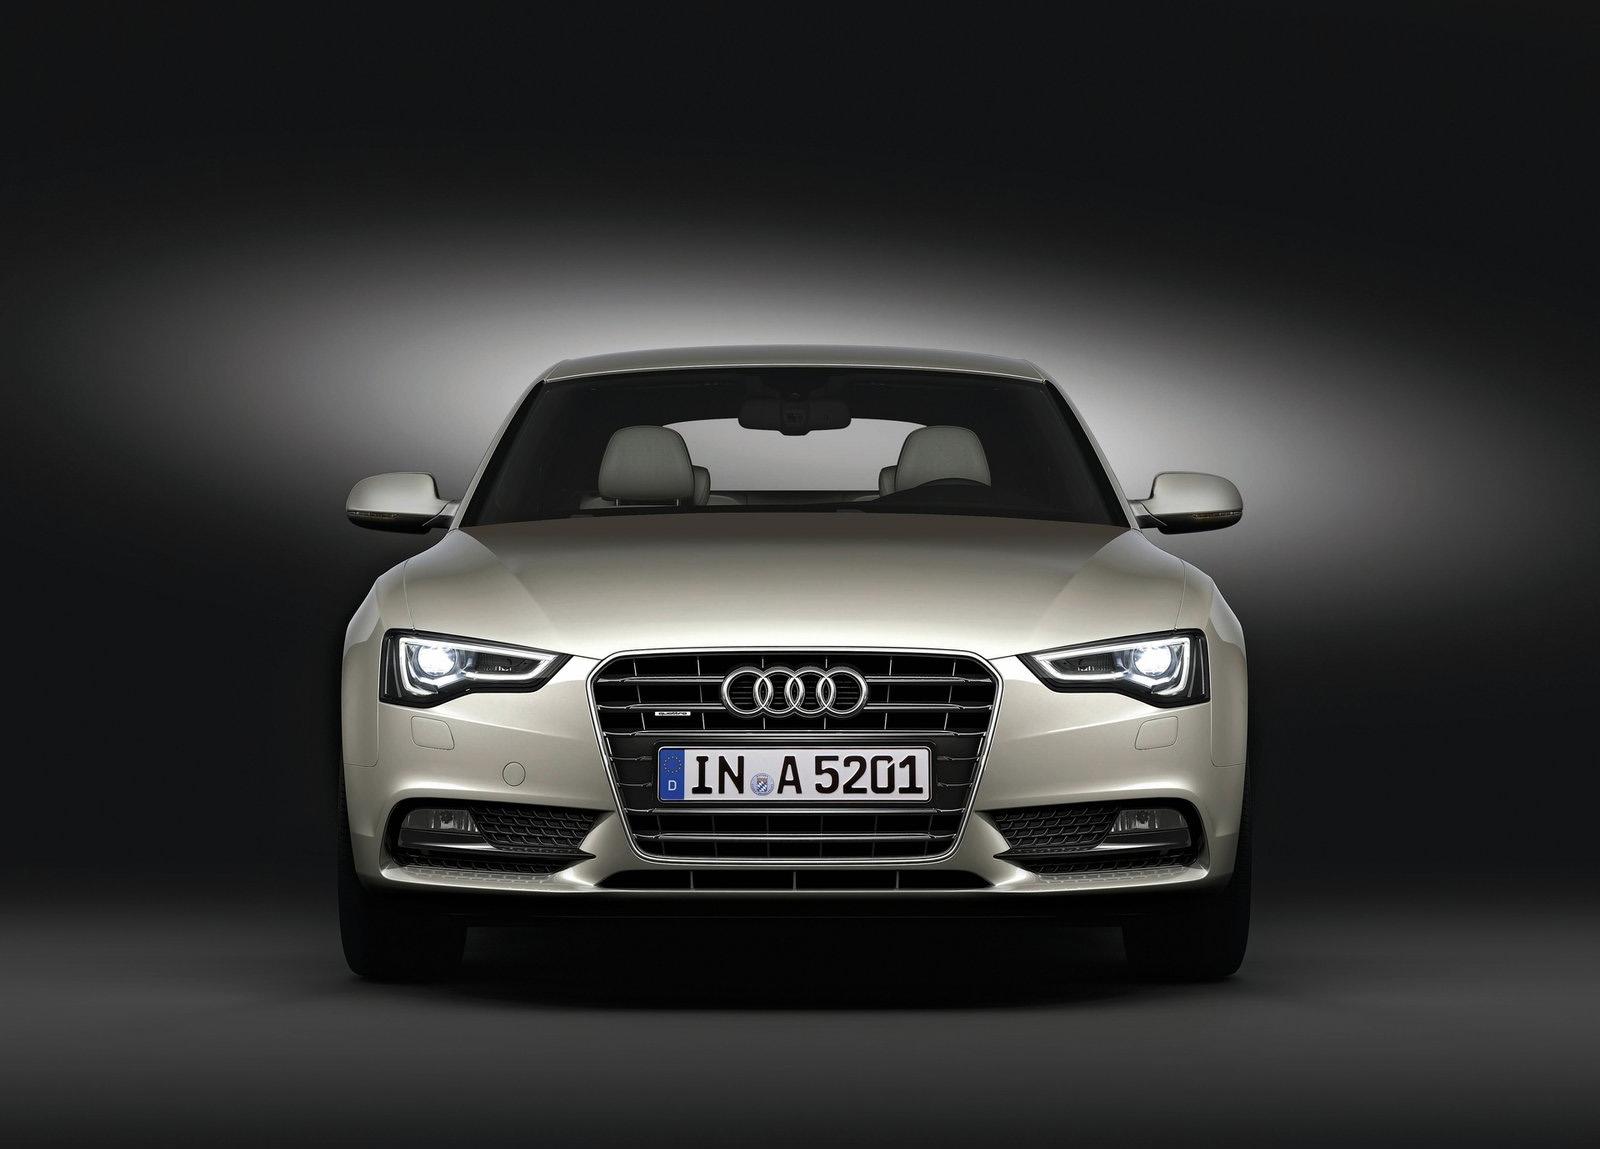 Kelebihan Audi A5 2013 Harga